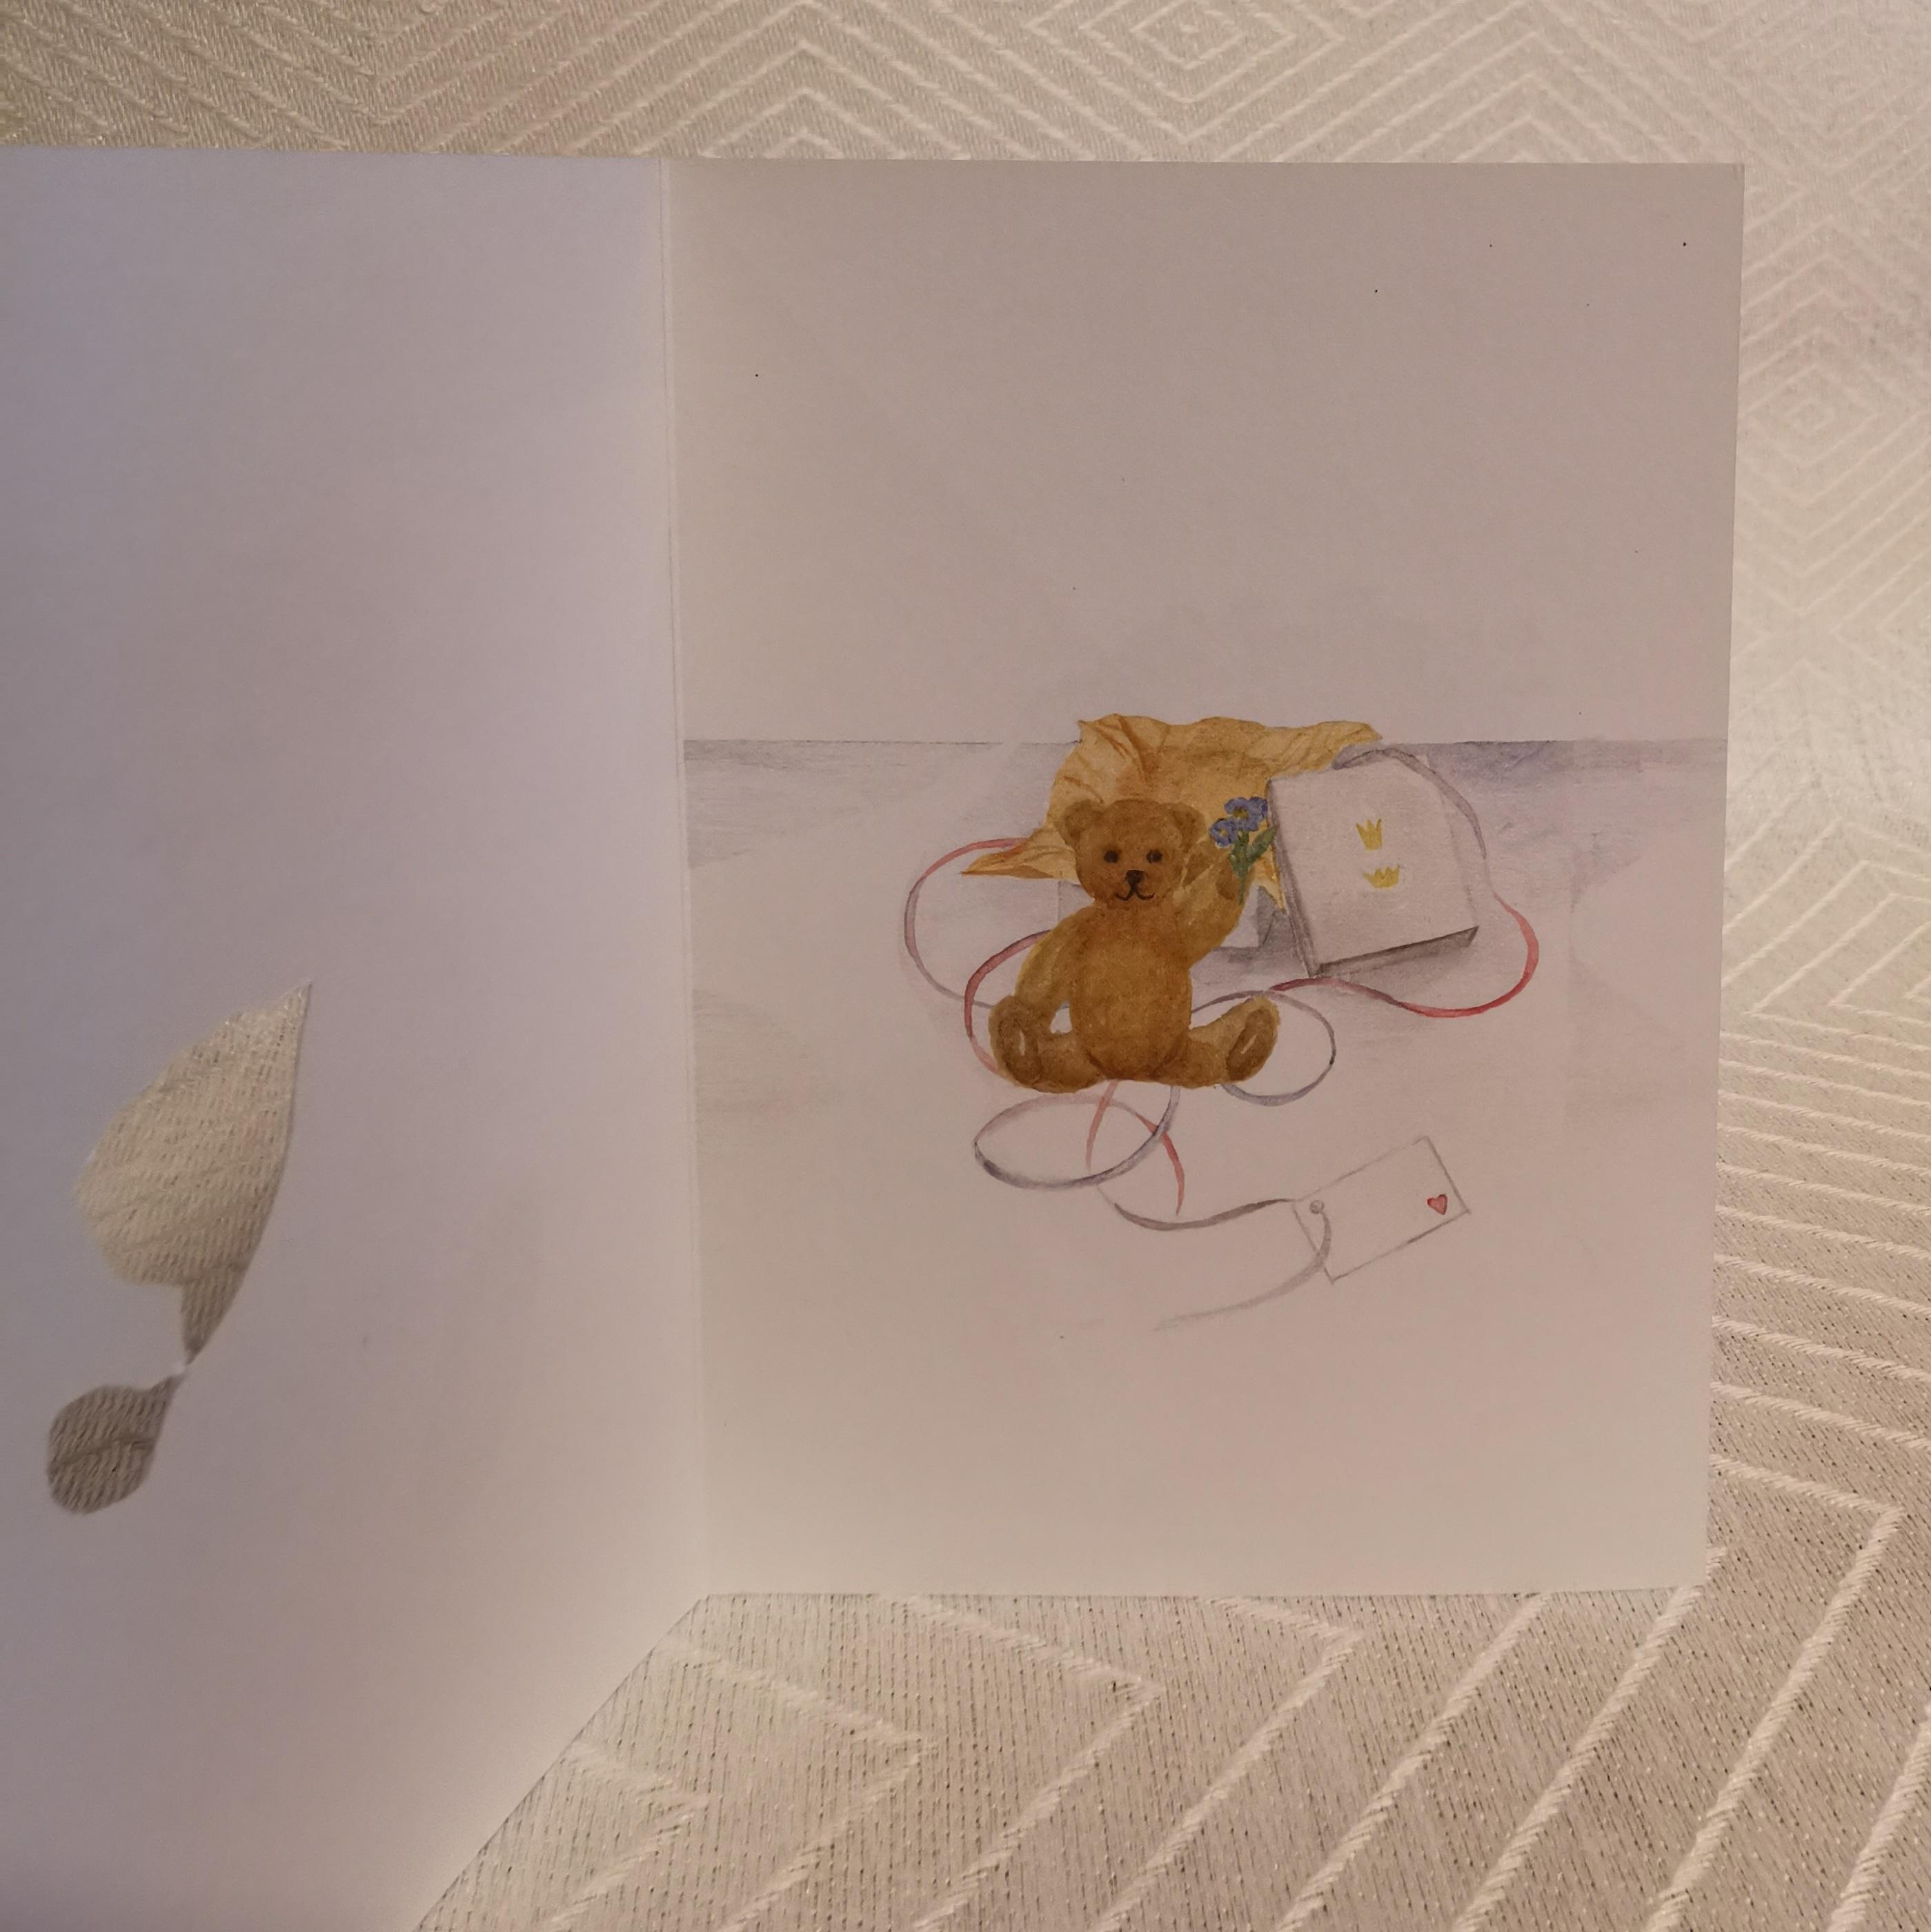 Vikt kort i akvarell med surprise Nalle insidan